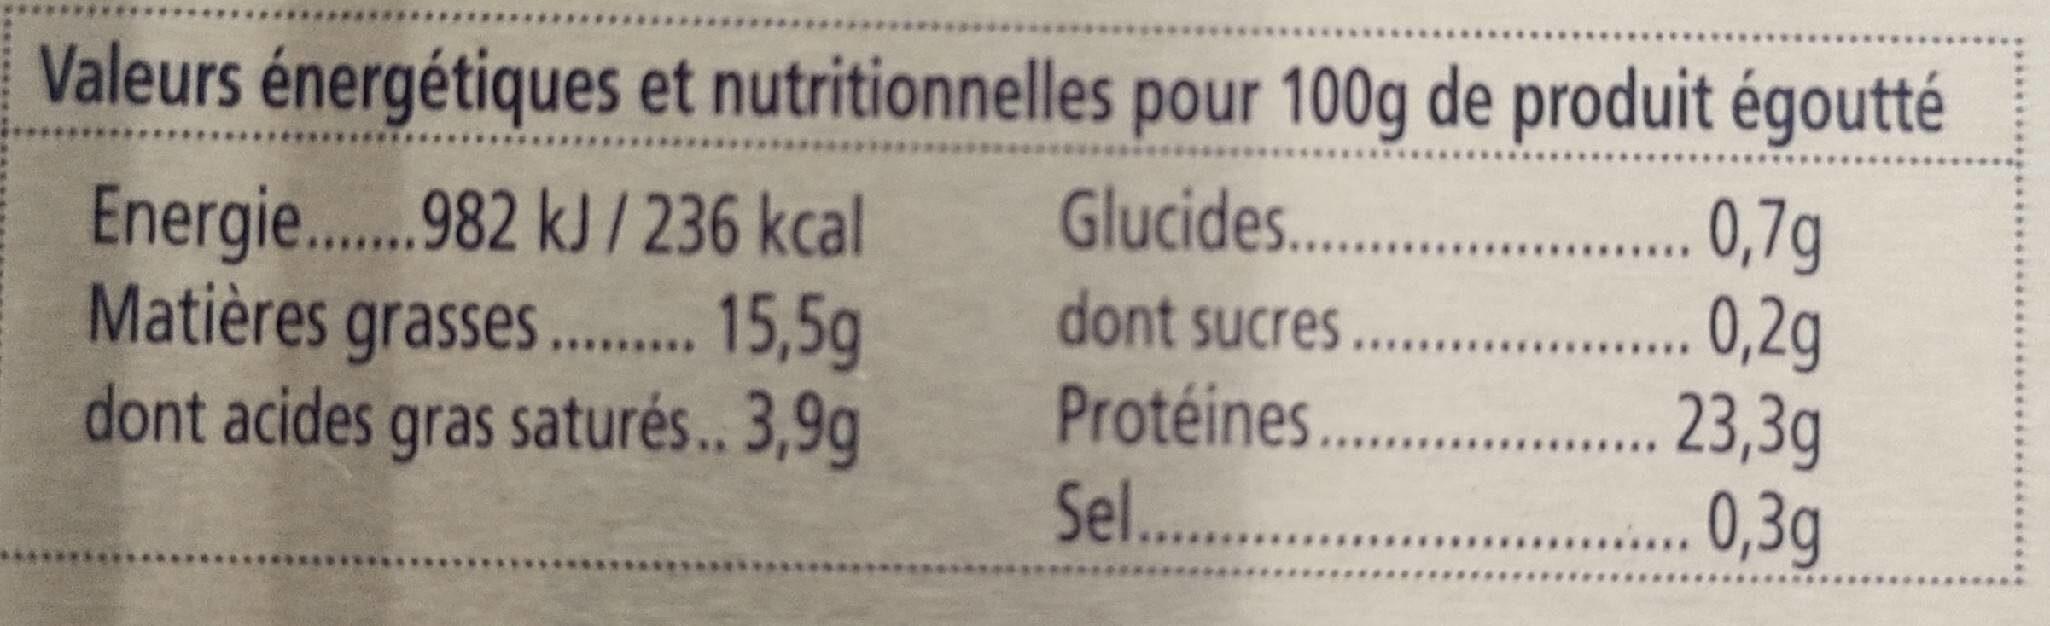 """Sardines Millésimées 2015 """"Le premier voyage de Capucine"""" - Informations nutritionnelles - fr"""